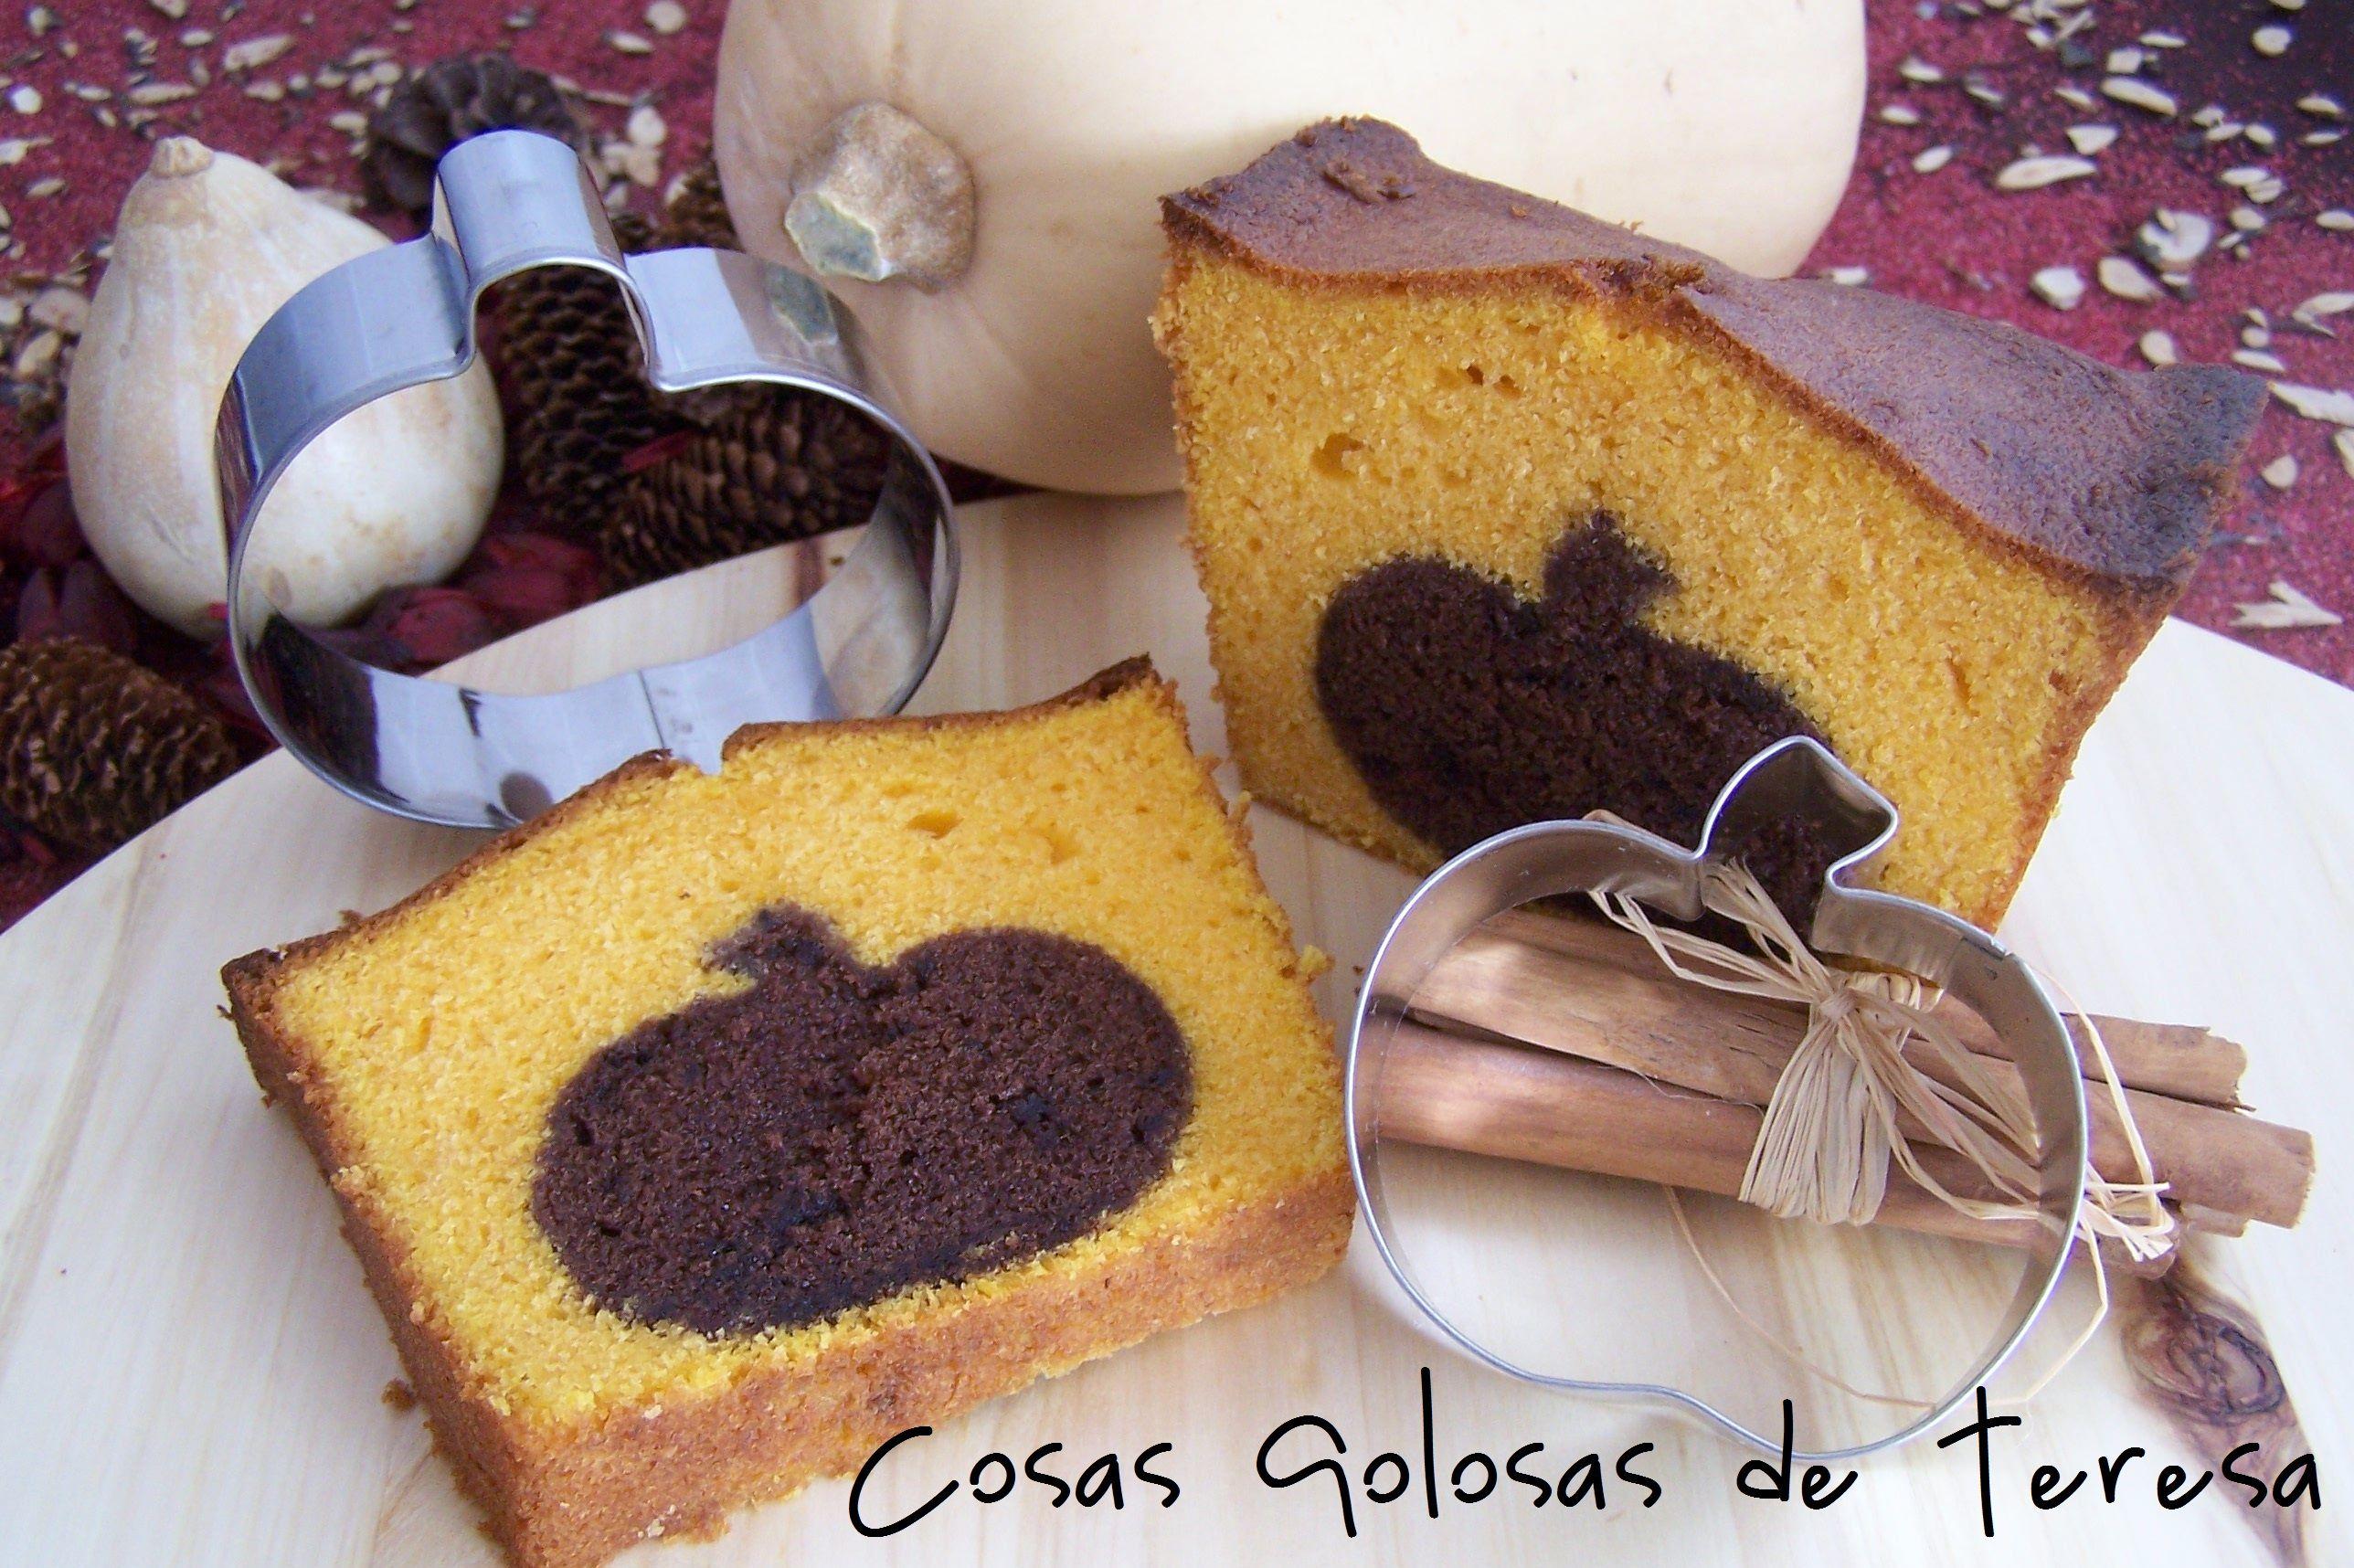 Bizcocho de Calabaza y Chocolate https://www.facebook.com/cosasgolosas.deteresa